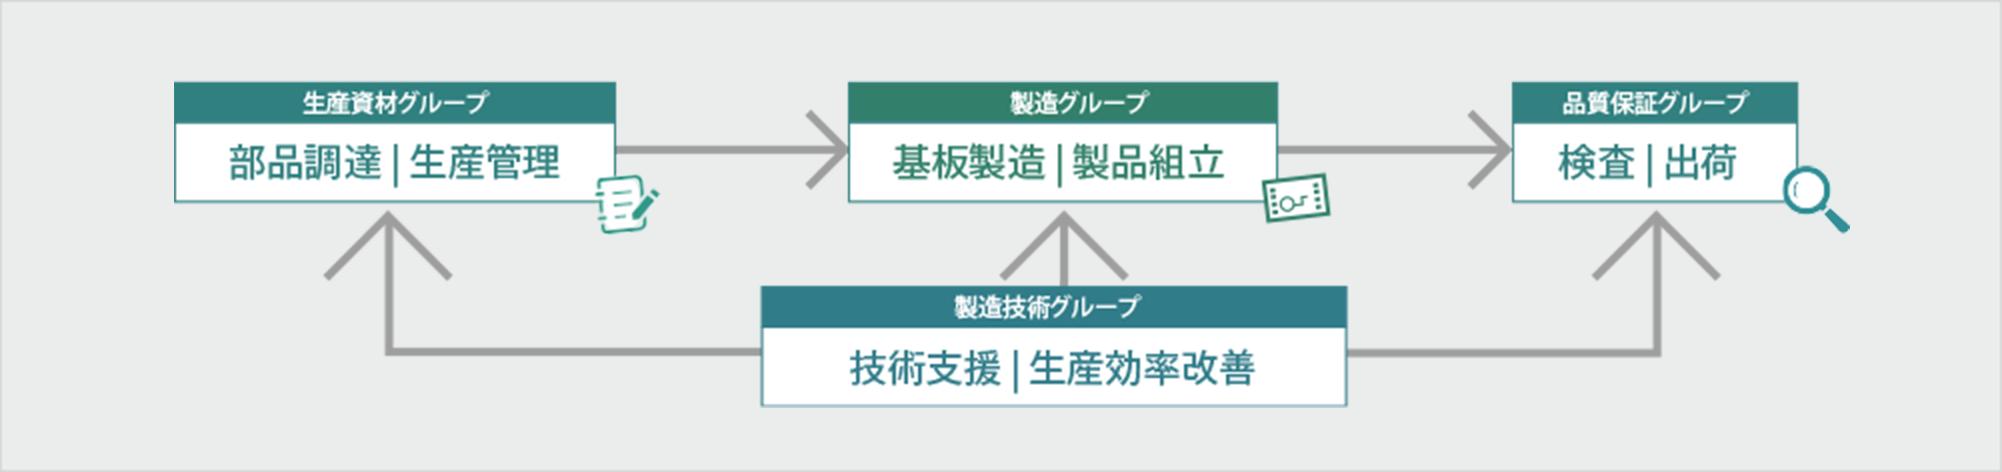 三島工場の生産体制の図